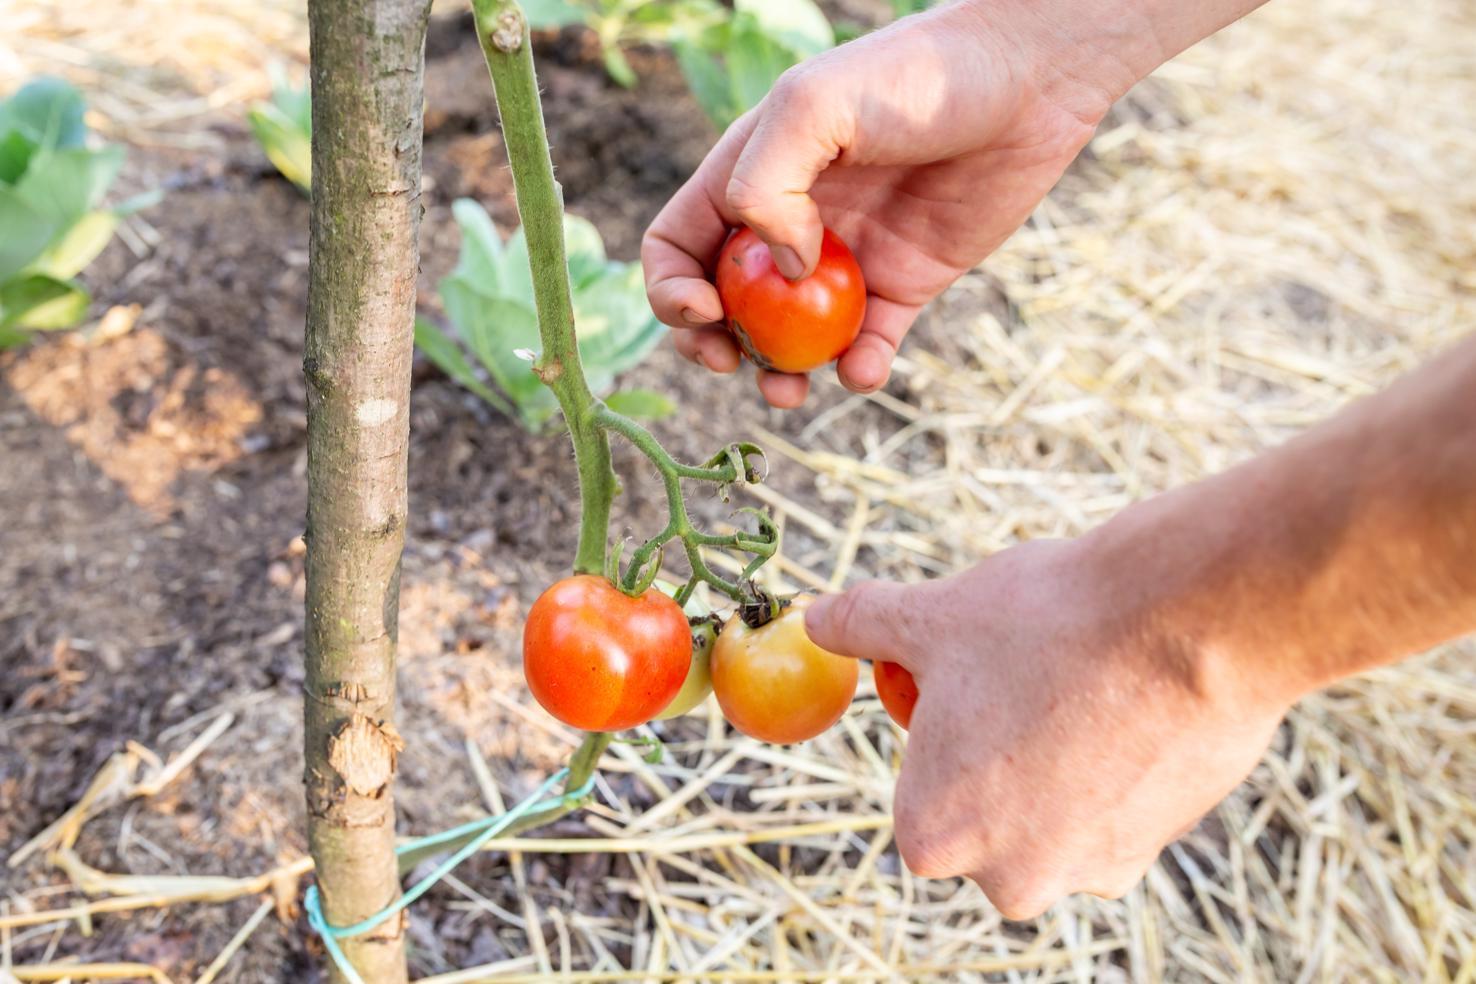 Sezona paradajza leta 2018 je bila kratka in skromna